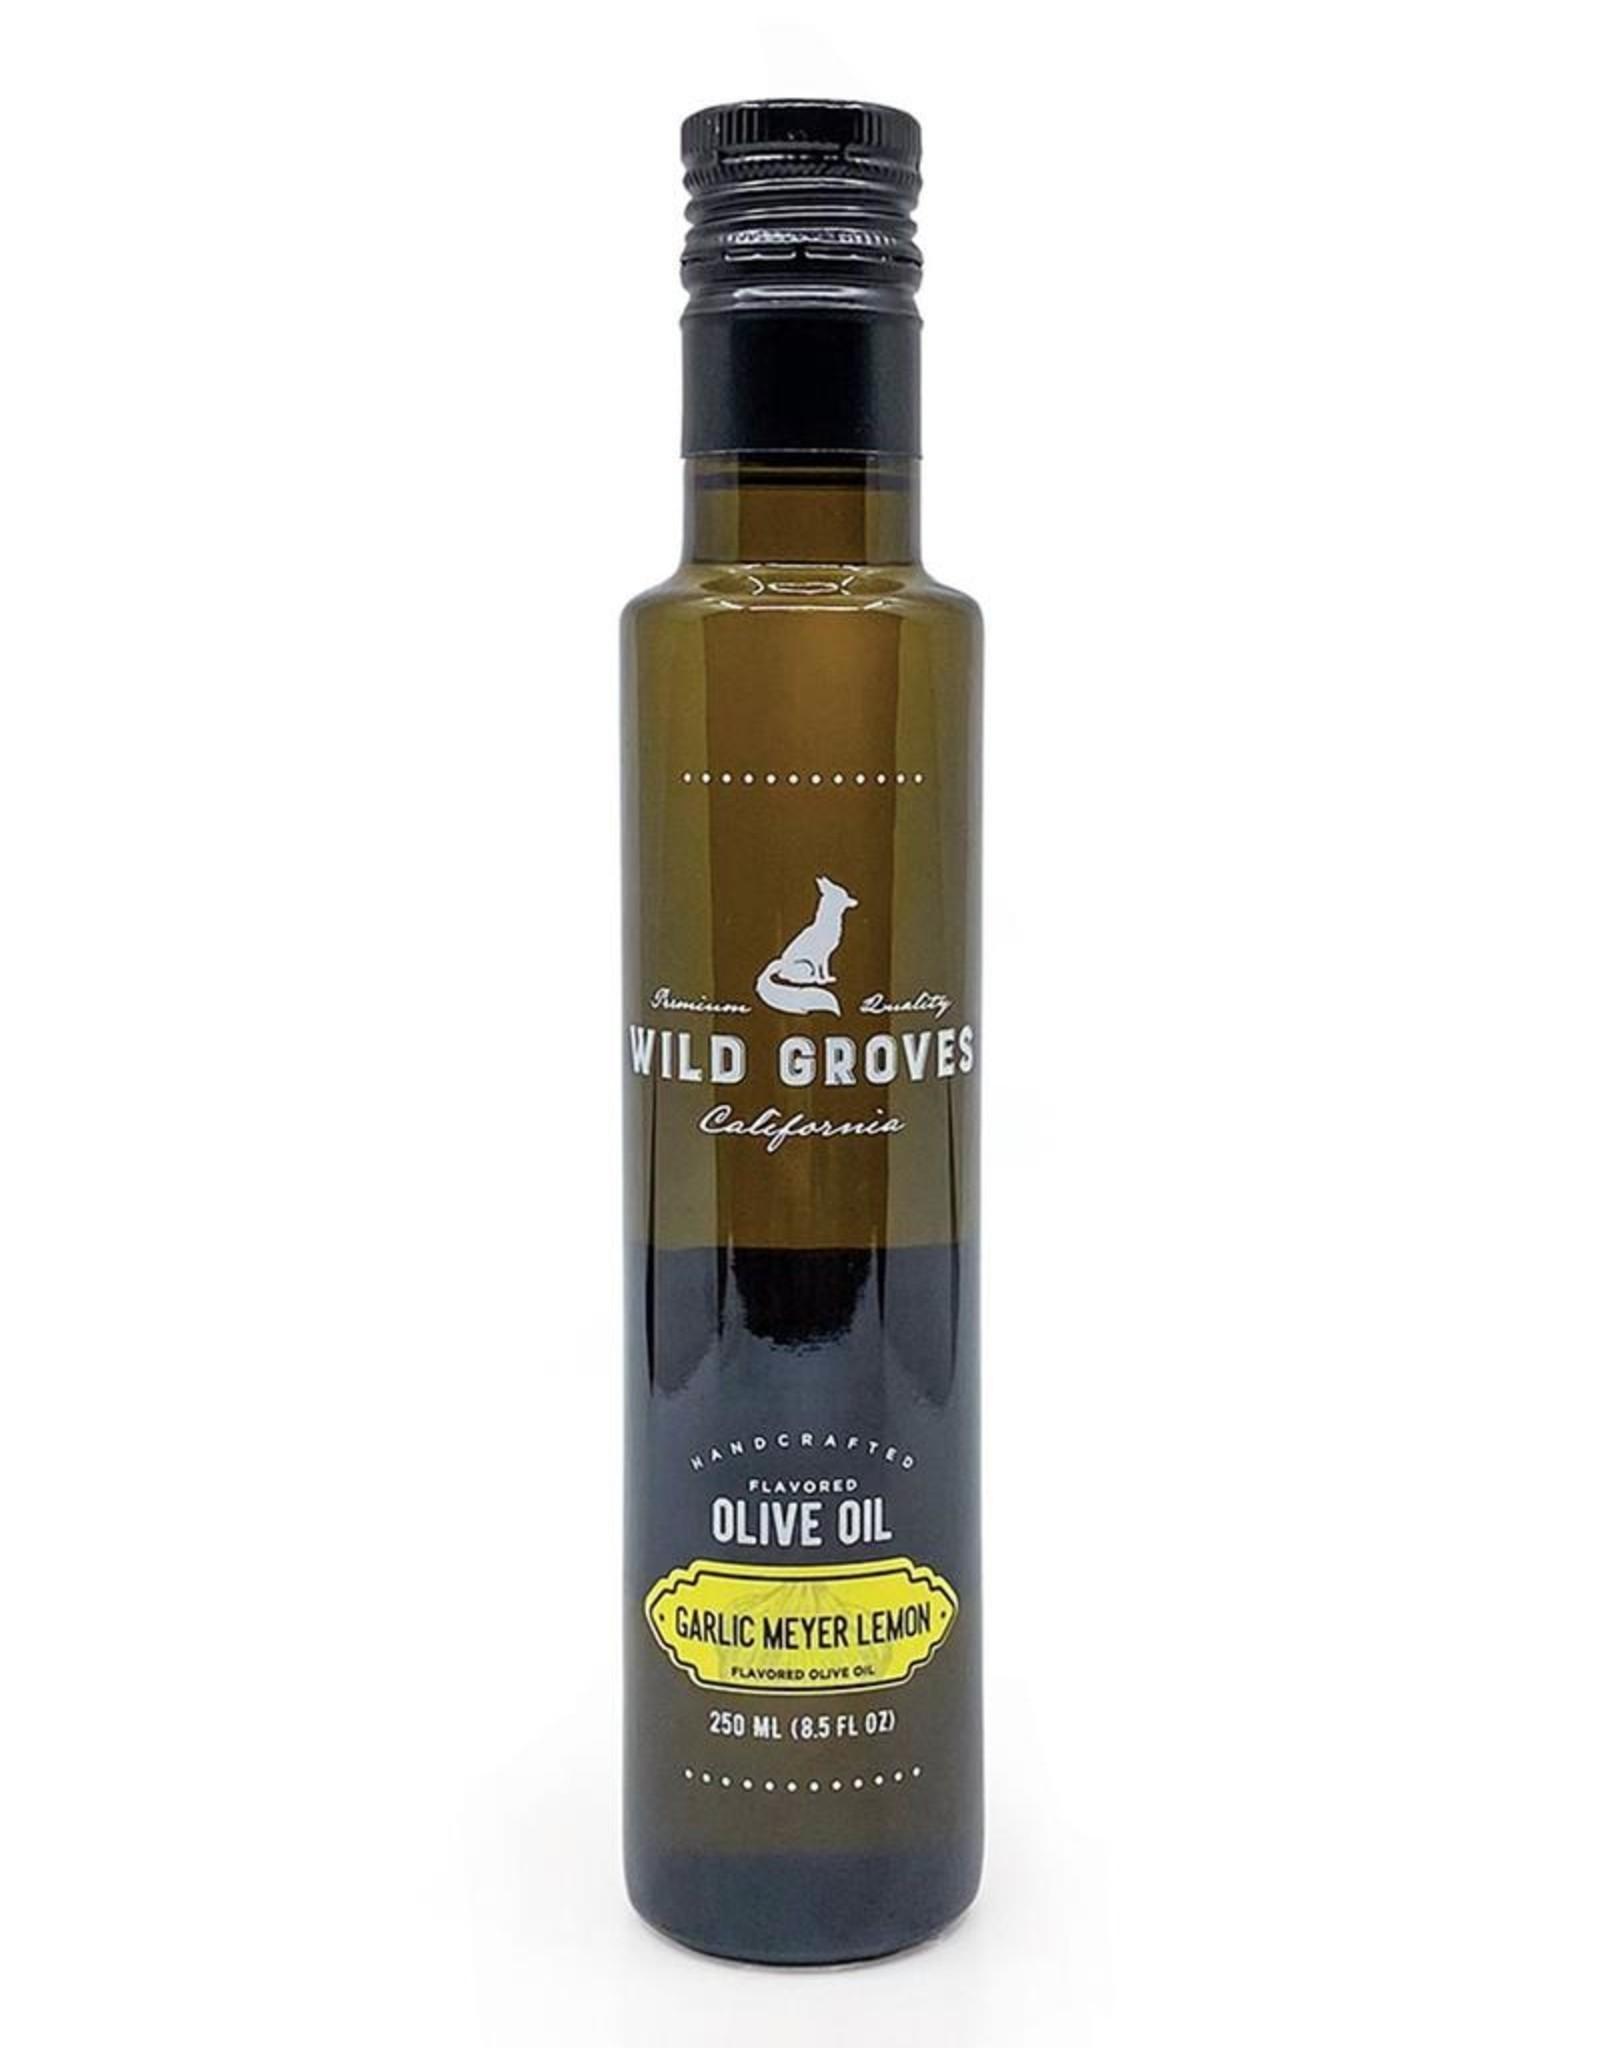 Wild Groves Wilde Groves Garlic Meyer Lemon Olive Oil 250 ML 8.5 FL OZ